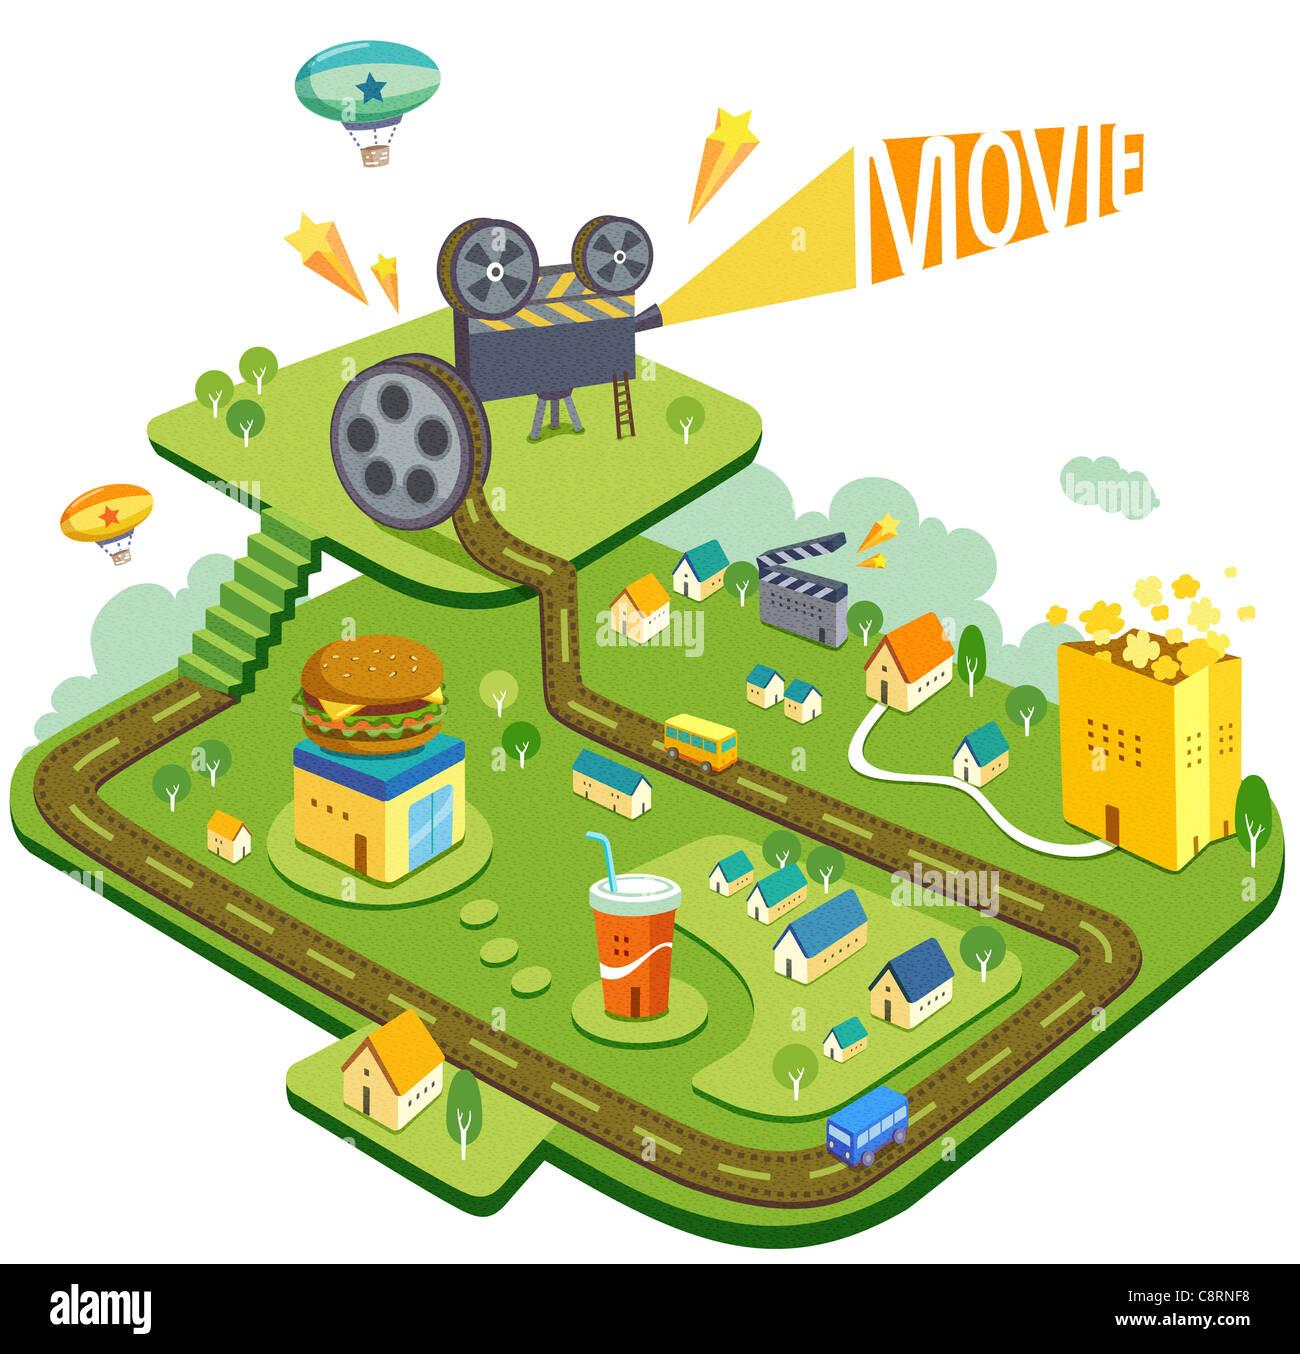 Movie Theme - Stock Image